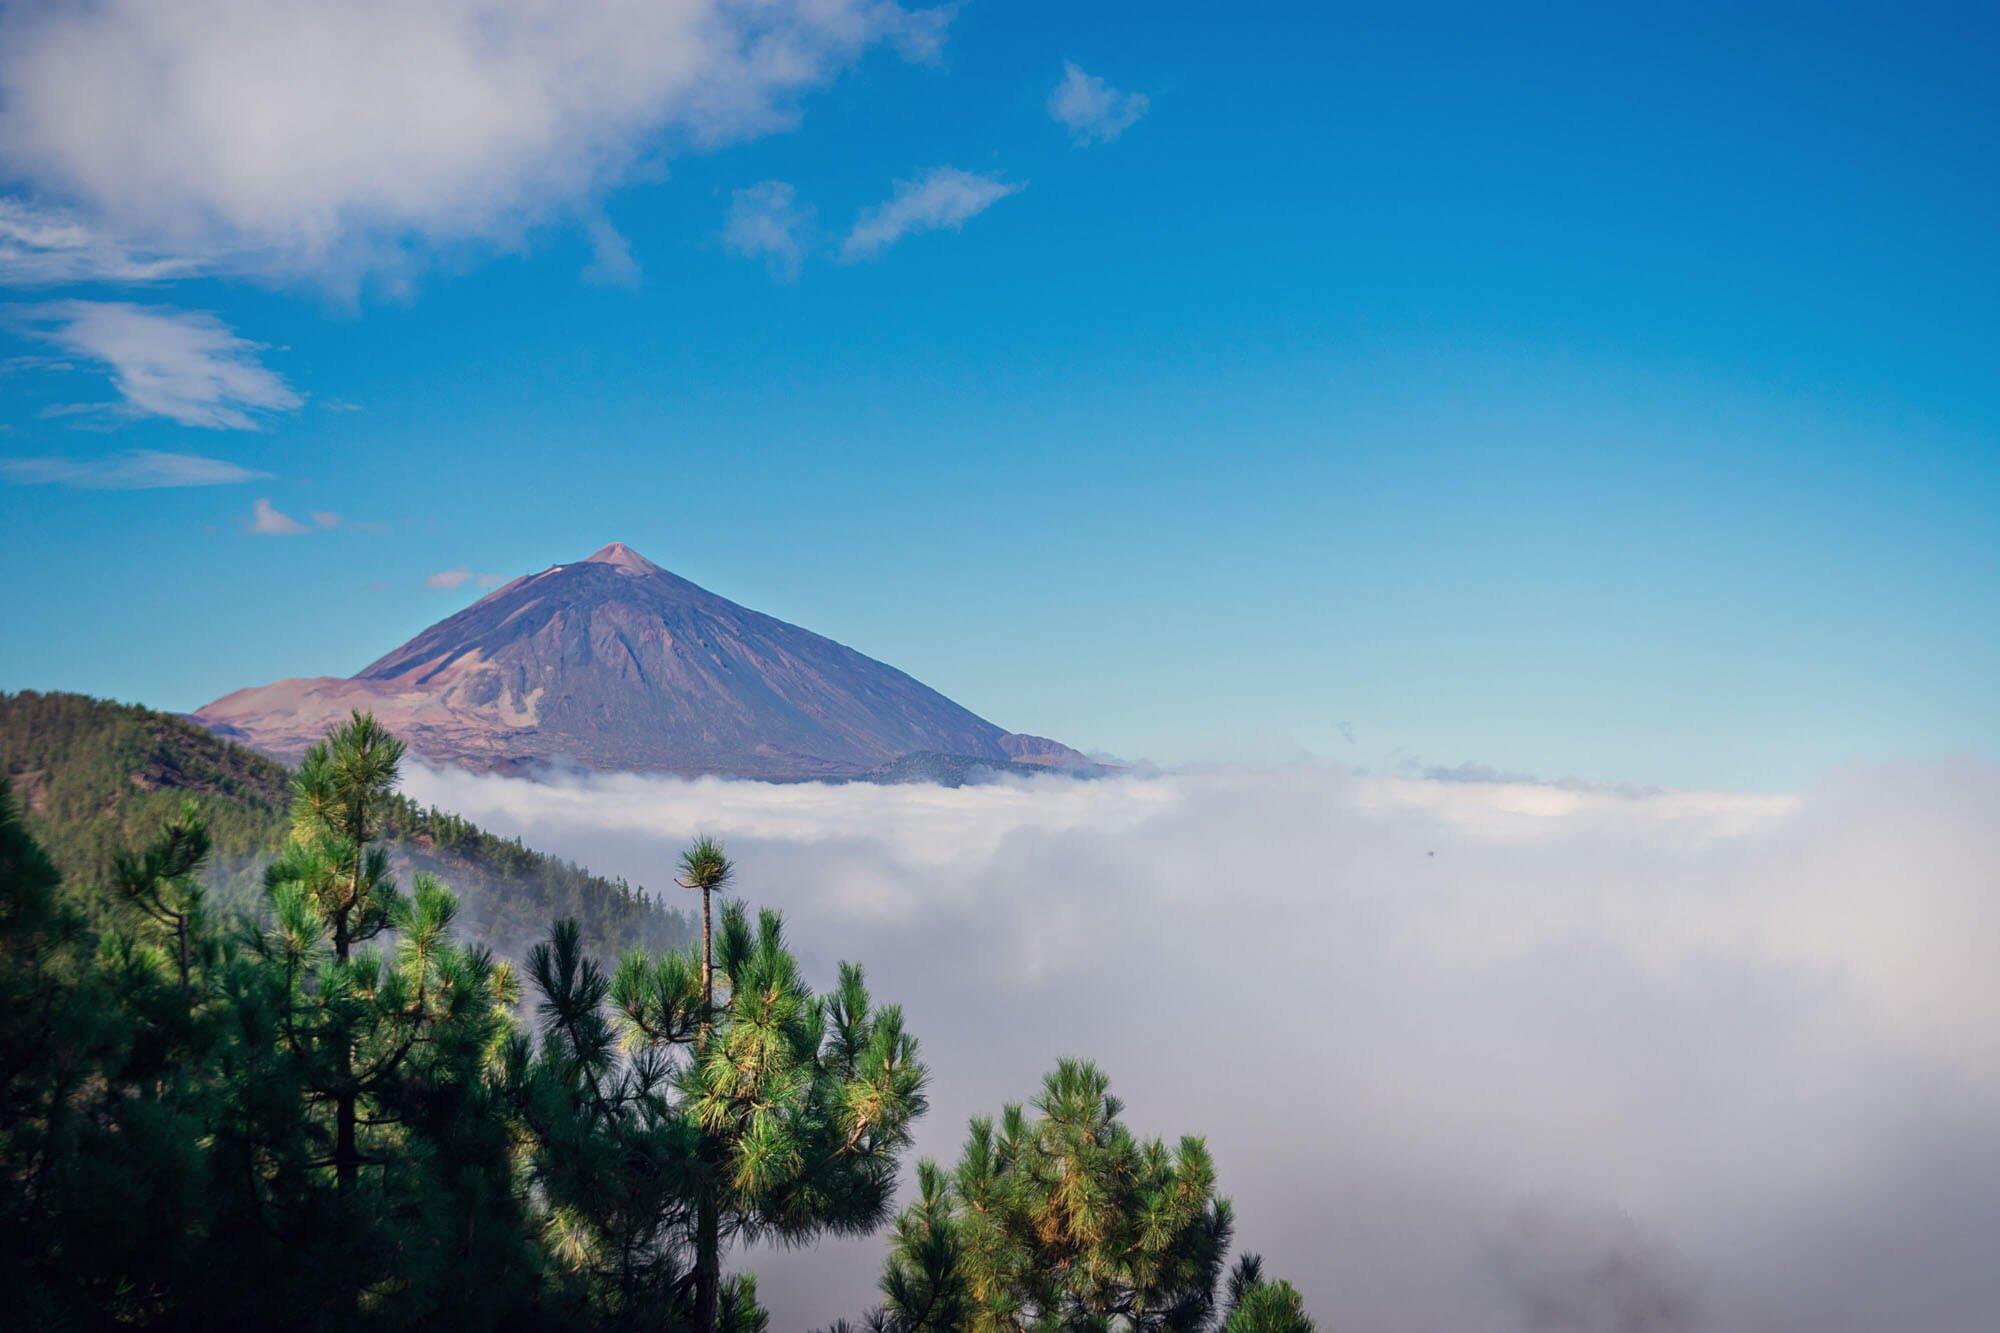 Parco nazionale del Teide, come salire sulla vetta del Teide - Todomundoebom